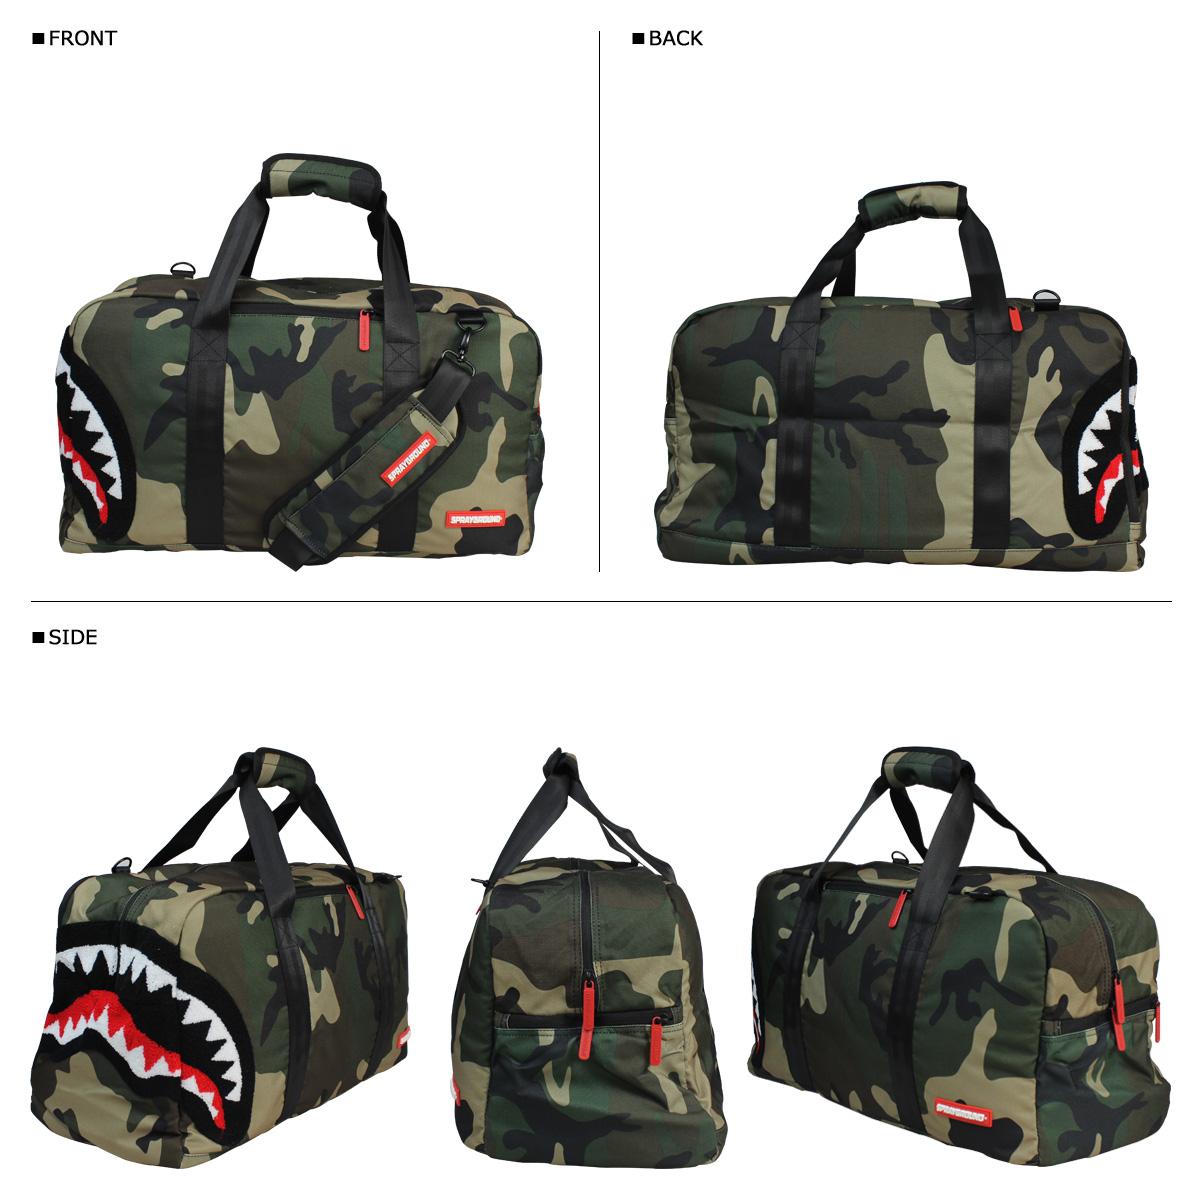 噴霧地面噴霧地面行李袋 LD079 雪尼爾林地鯊魚粗呢男人女人